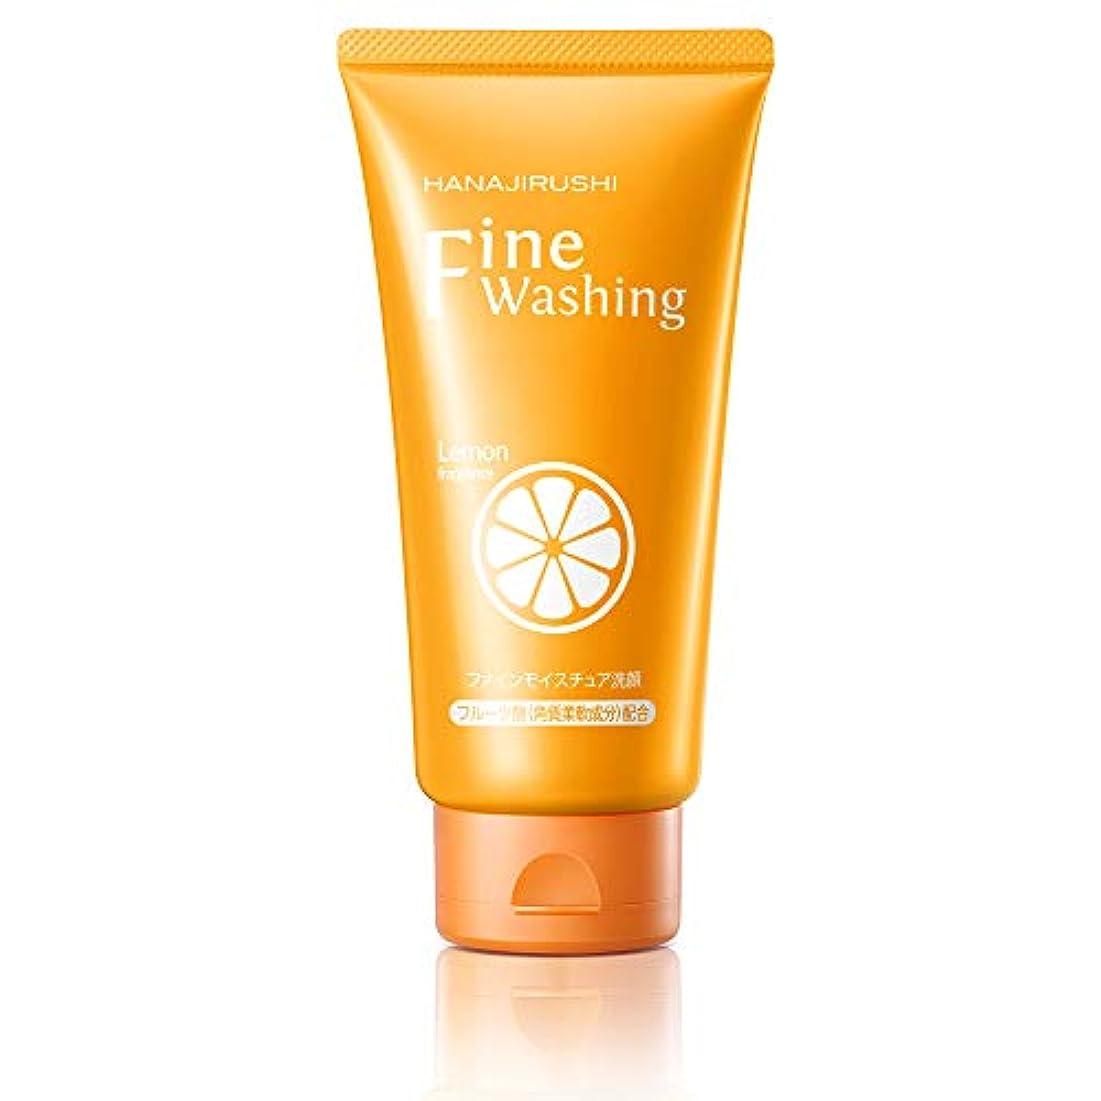 用心栄光降臨花印ビタミンC誘導体配合ホワイト洗顔フォーム120g シミ?くすみ対策